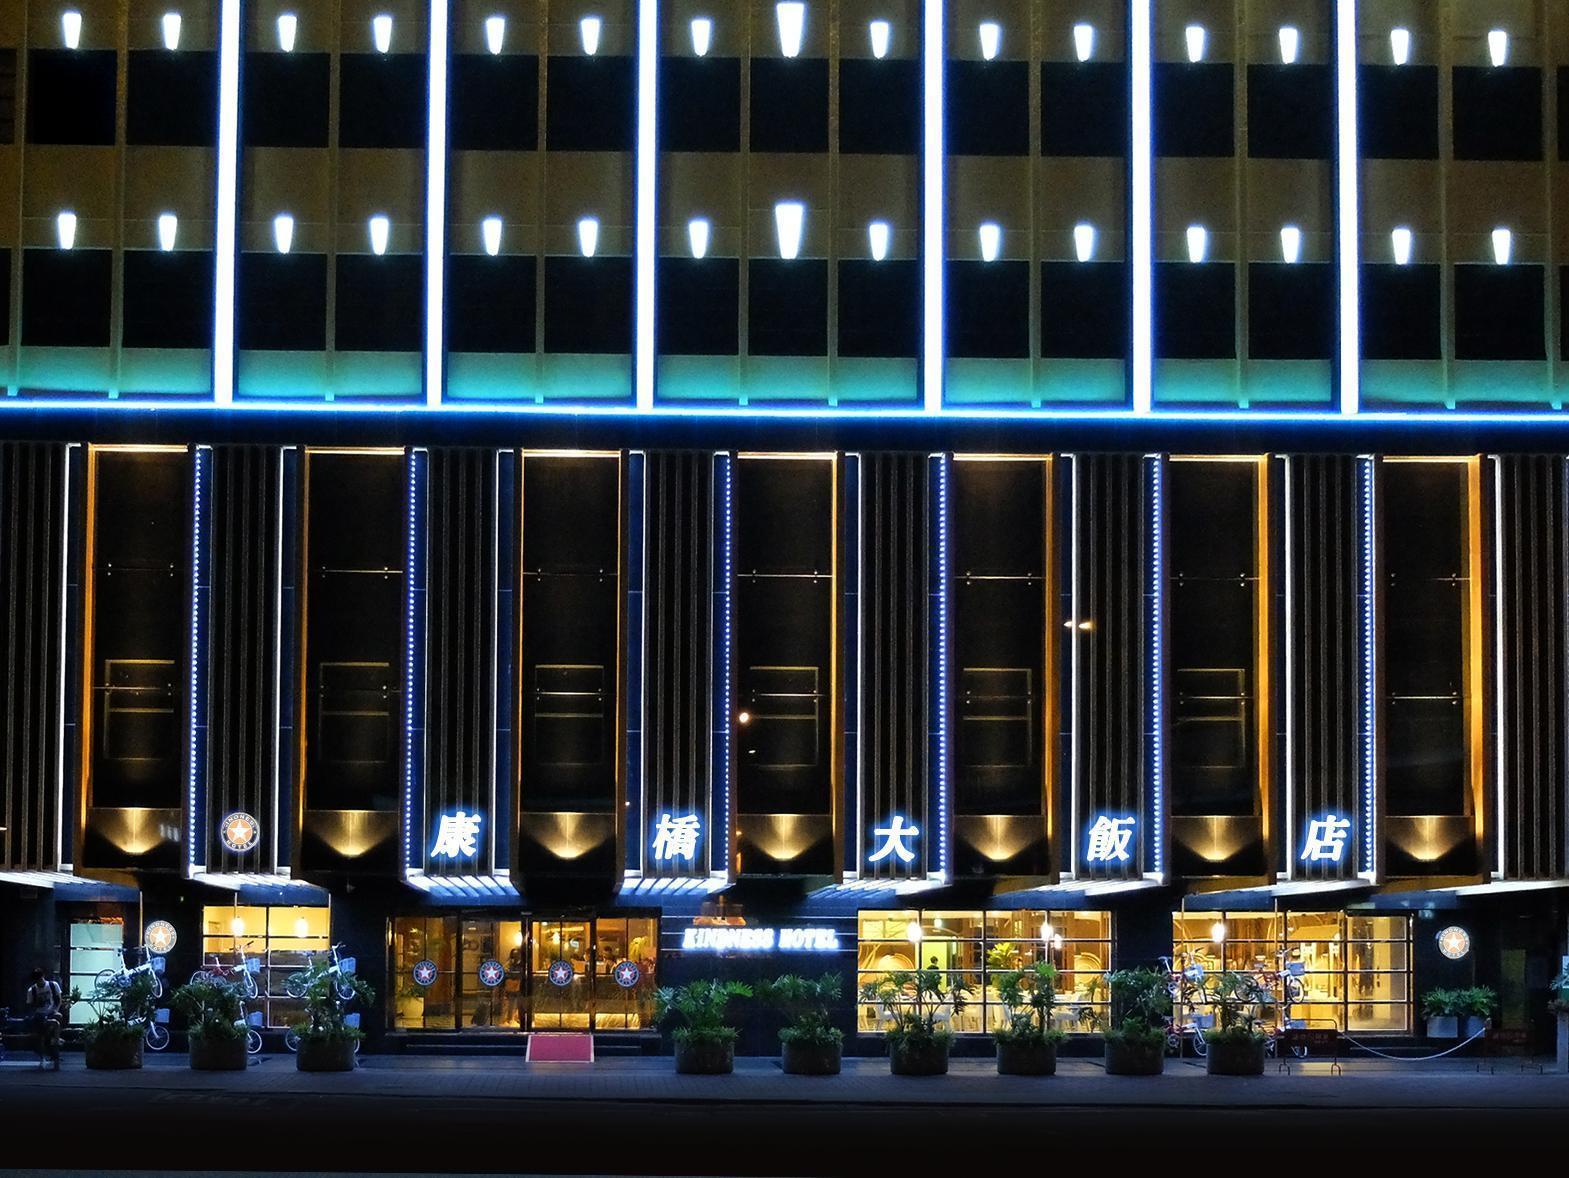 高雄市康橋大飯店 - 高雄火車站站前館 (Kindness Hotel - Kaohsiung Main Station)線上訂房|Agoda.com